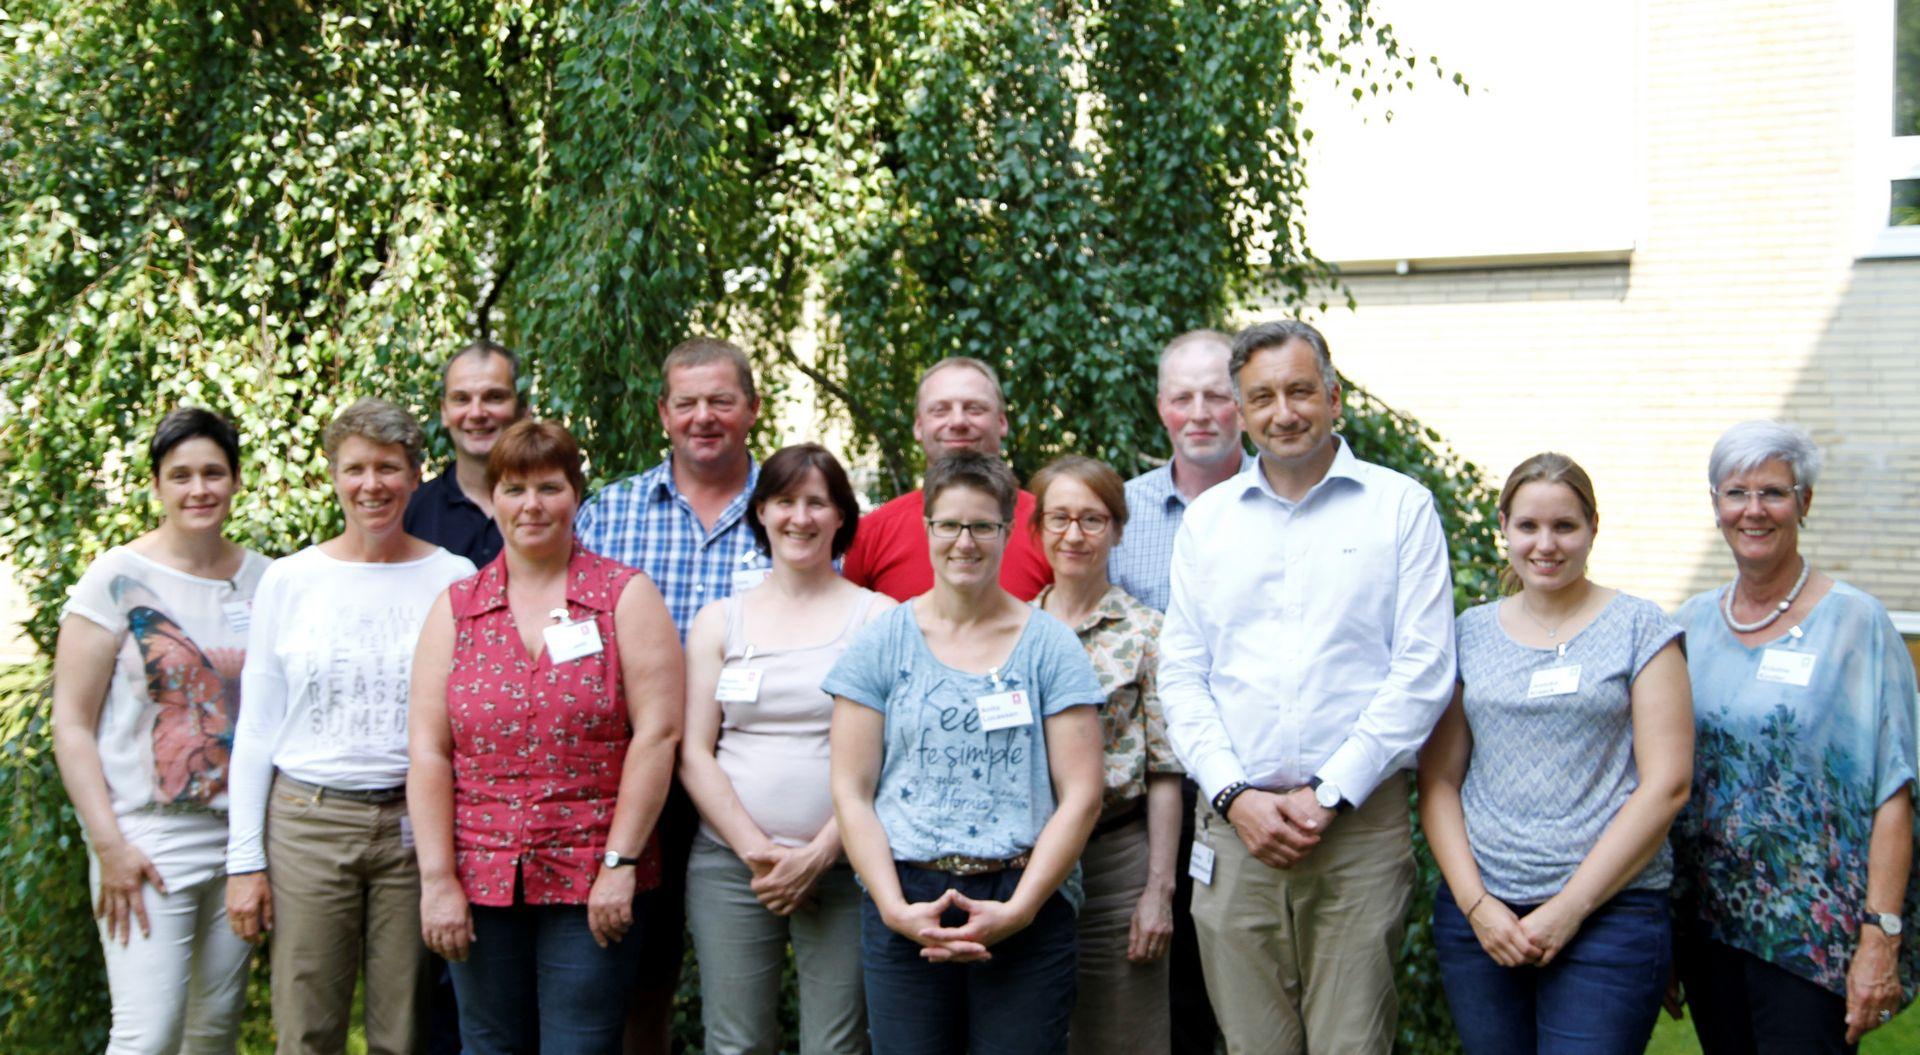 Gruppenfoto Workshopteilnehmer (Quelle: LVN Niedersachsen)